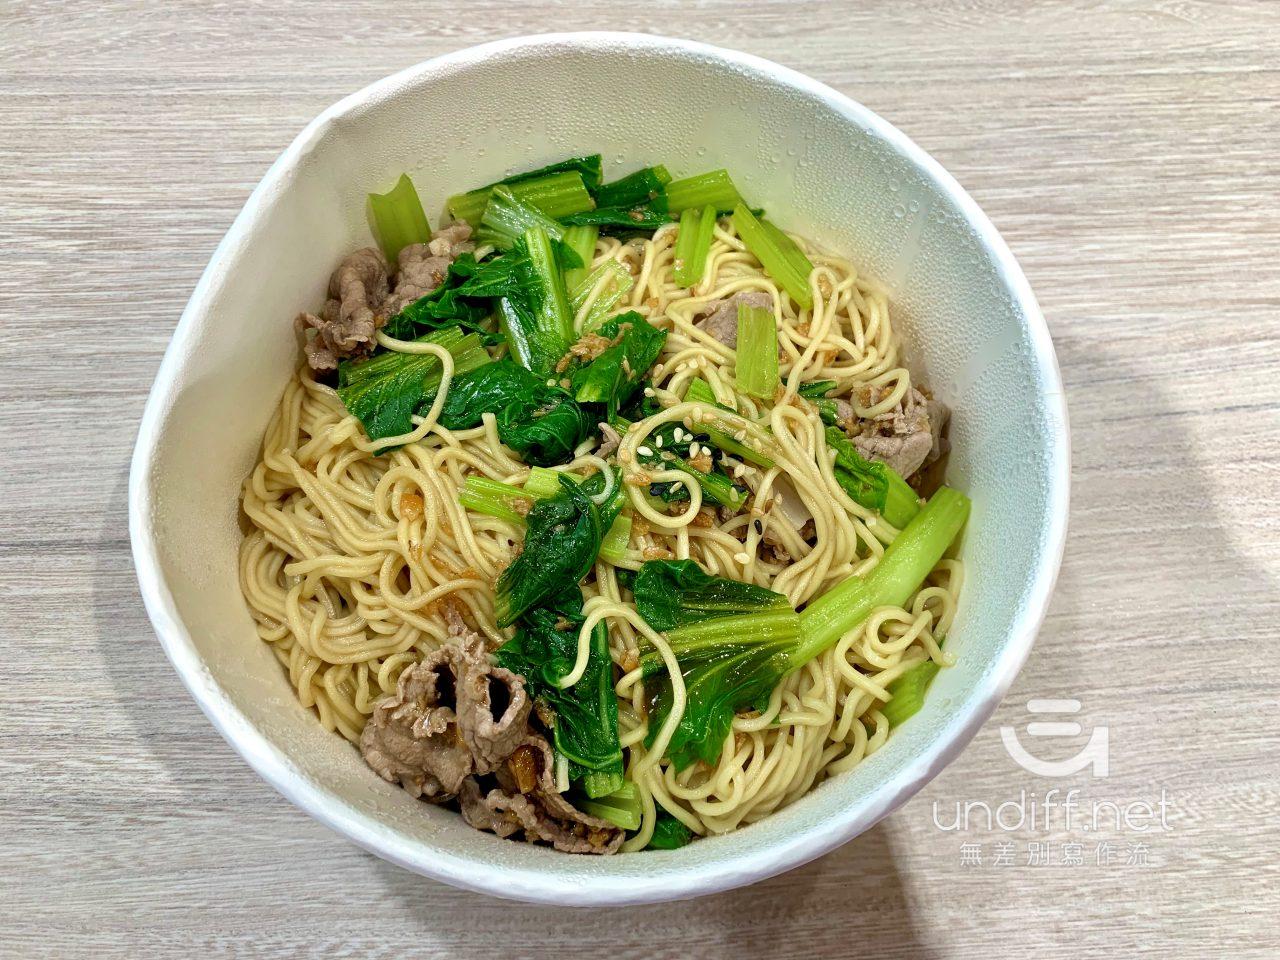 【內湖 訂便當日記】日嚐 Taste&Enjoy 南洋風味料理 34